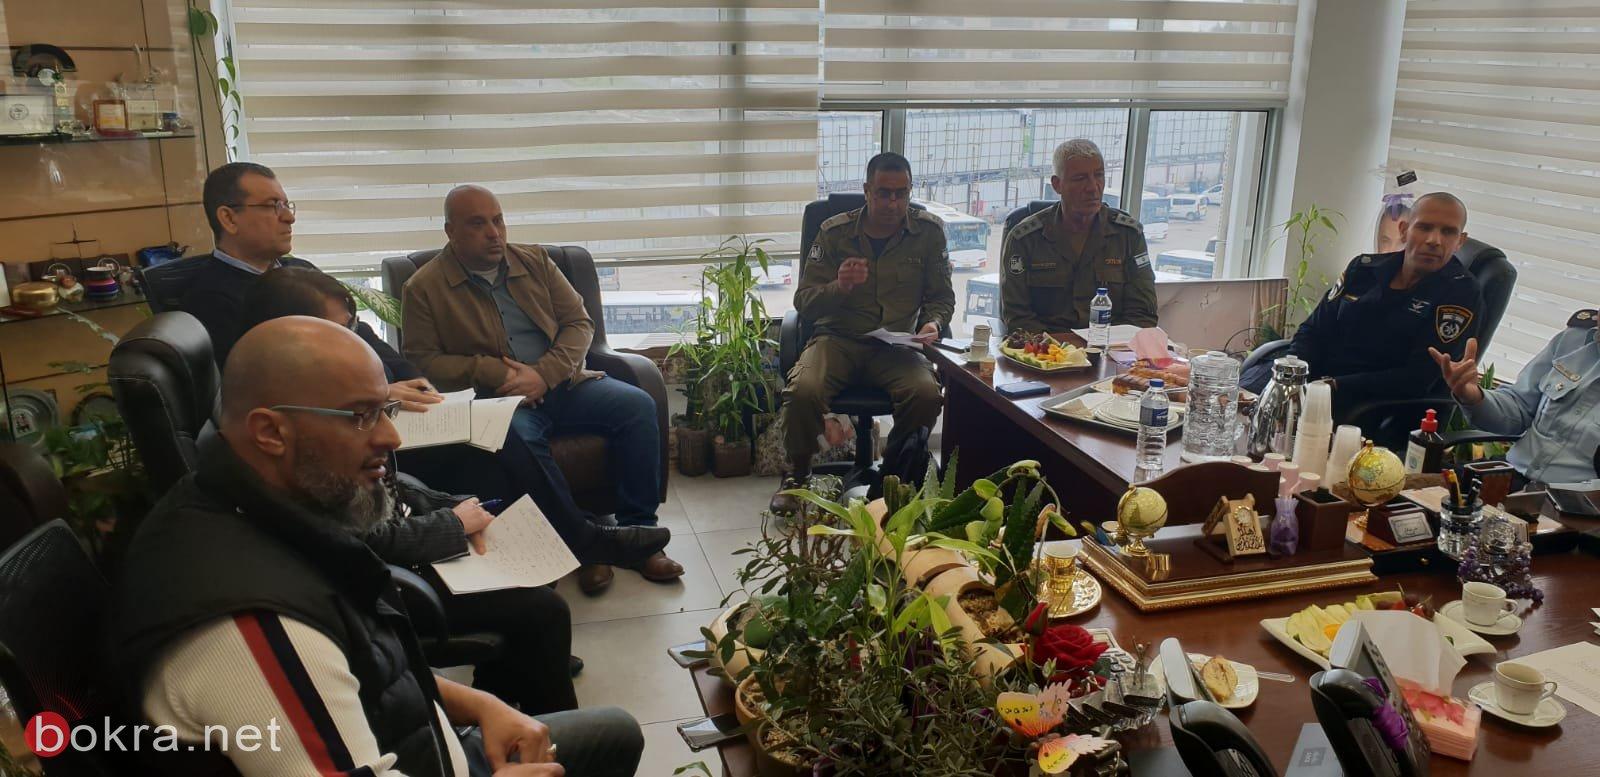 جلسة عمل مع قيادة الشرطة وقائد الجبهة الداخلية في بلدية الناصرة-4